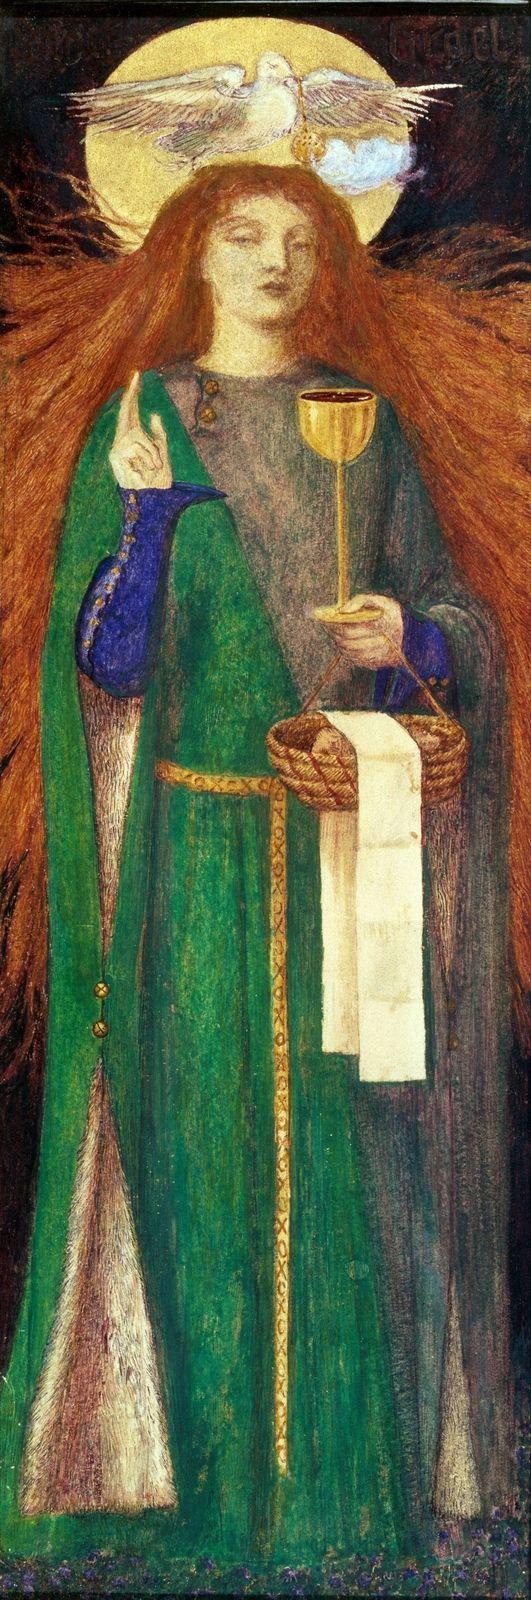 Данте Габриэль Россетти (Dante Gabriel Rossetti), 1828-1882. Англия. Акварель | Изобразительное искусство